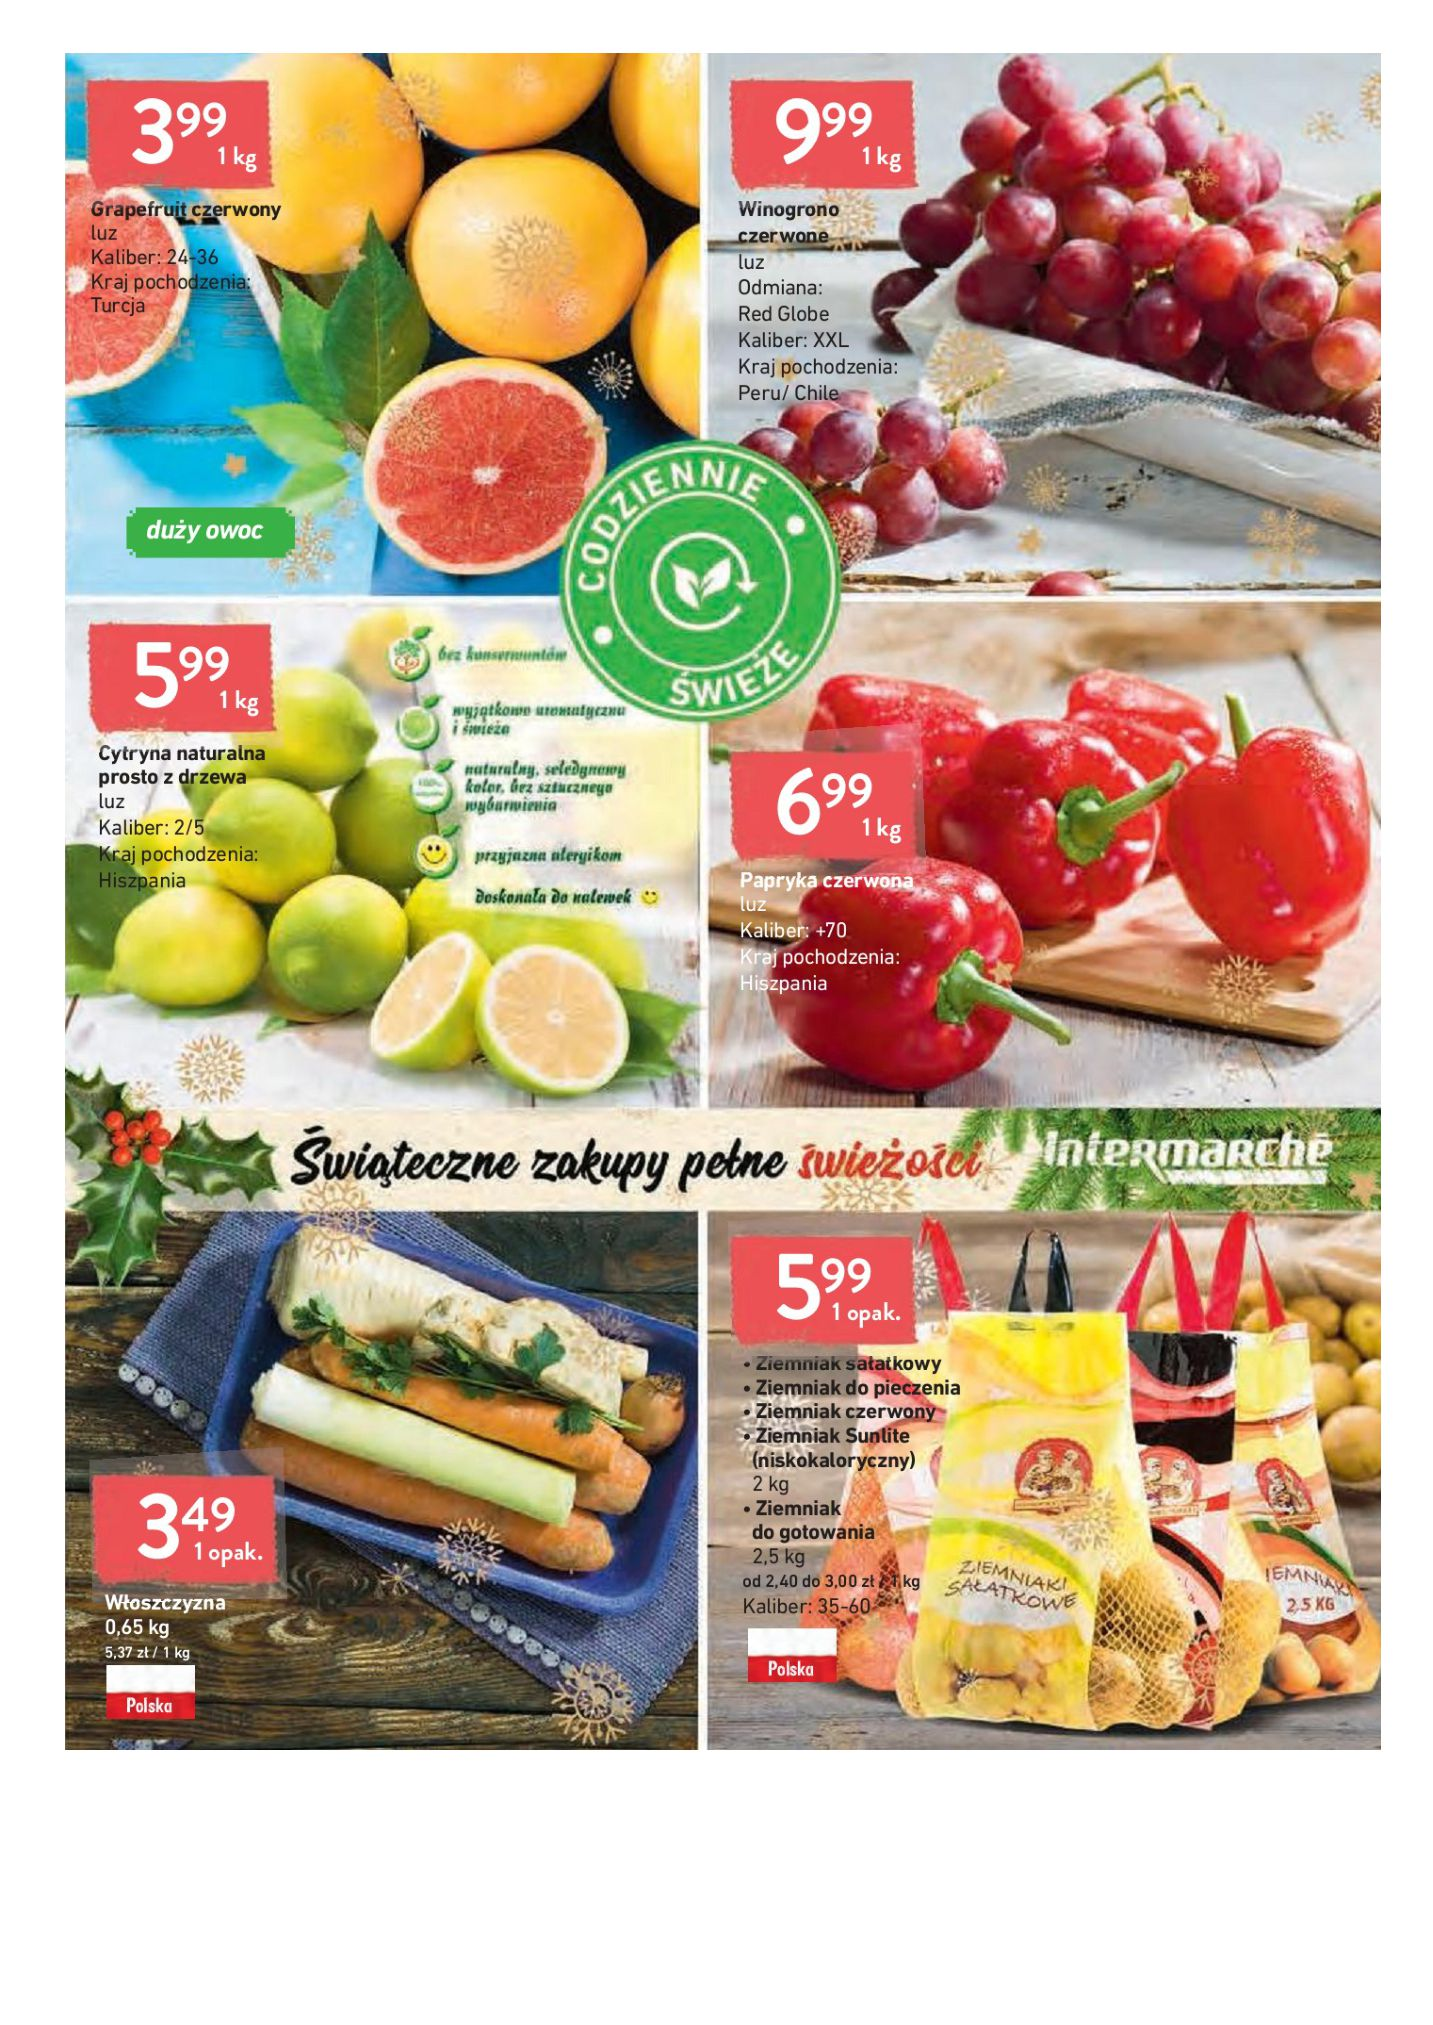 Gazetka Intermarché - Mikołajkowe zakupy pełne promocji-02.12.2019-09.12.2019-page-9